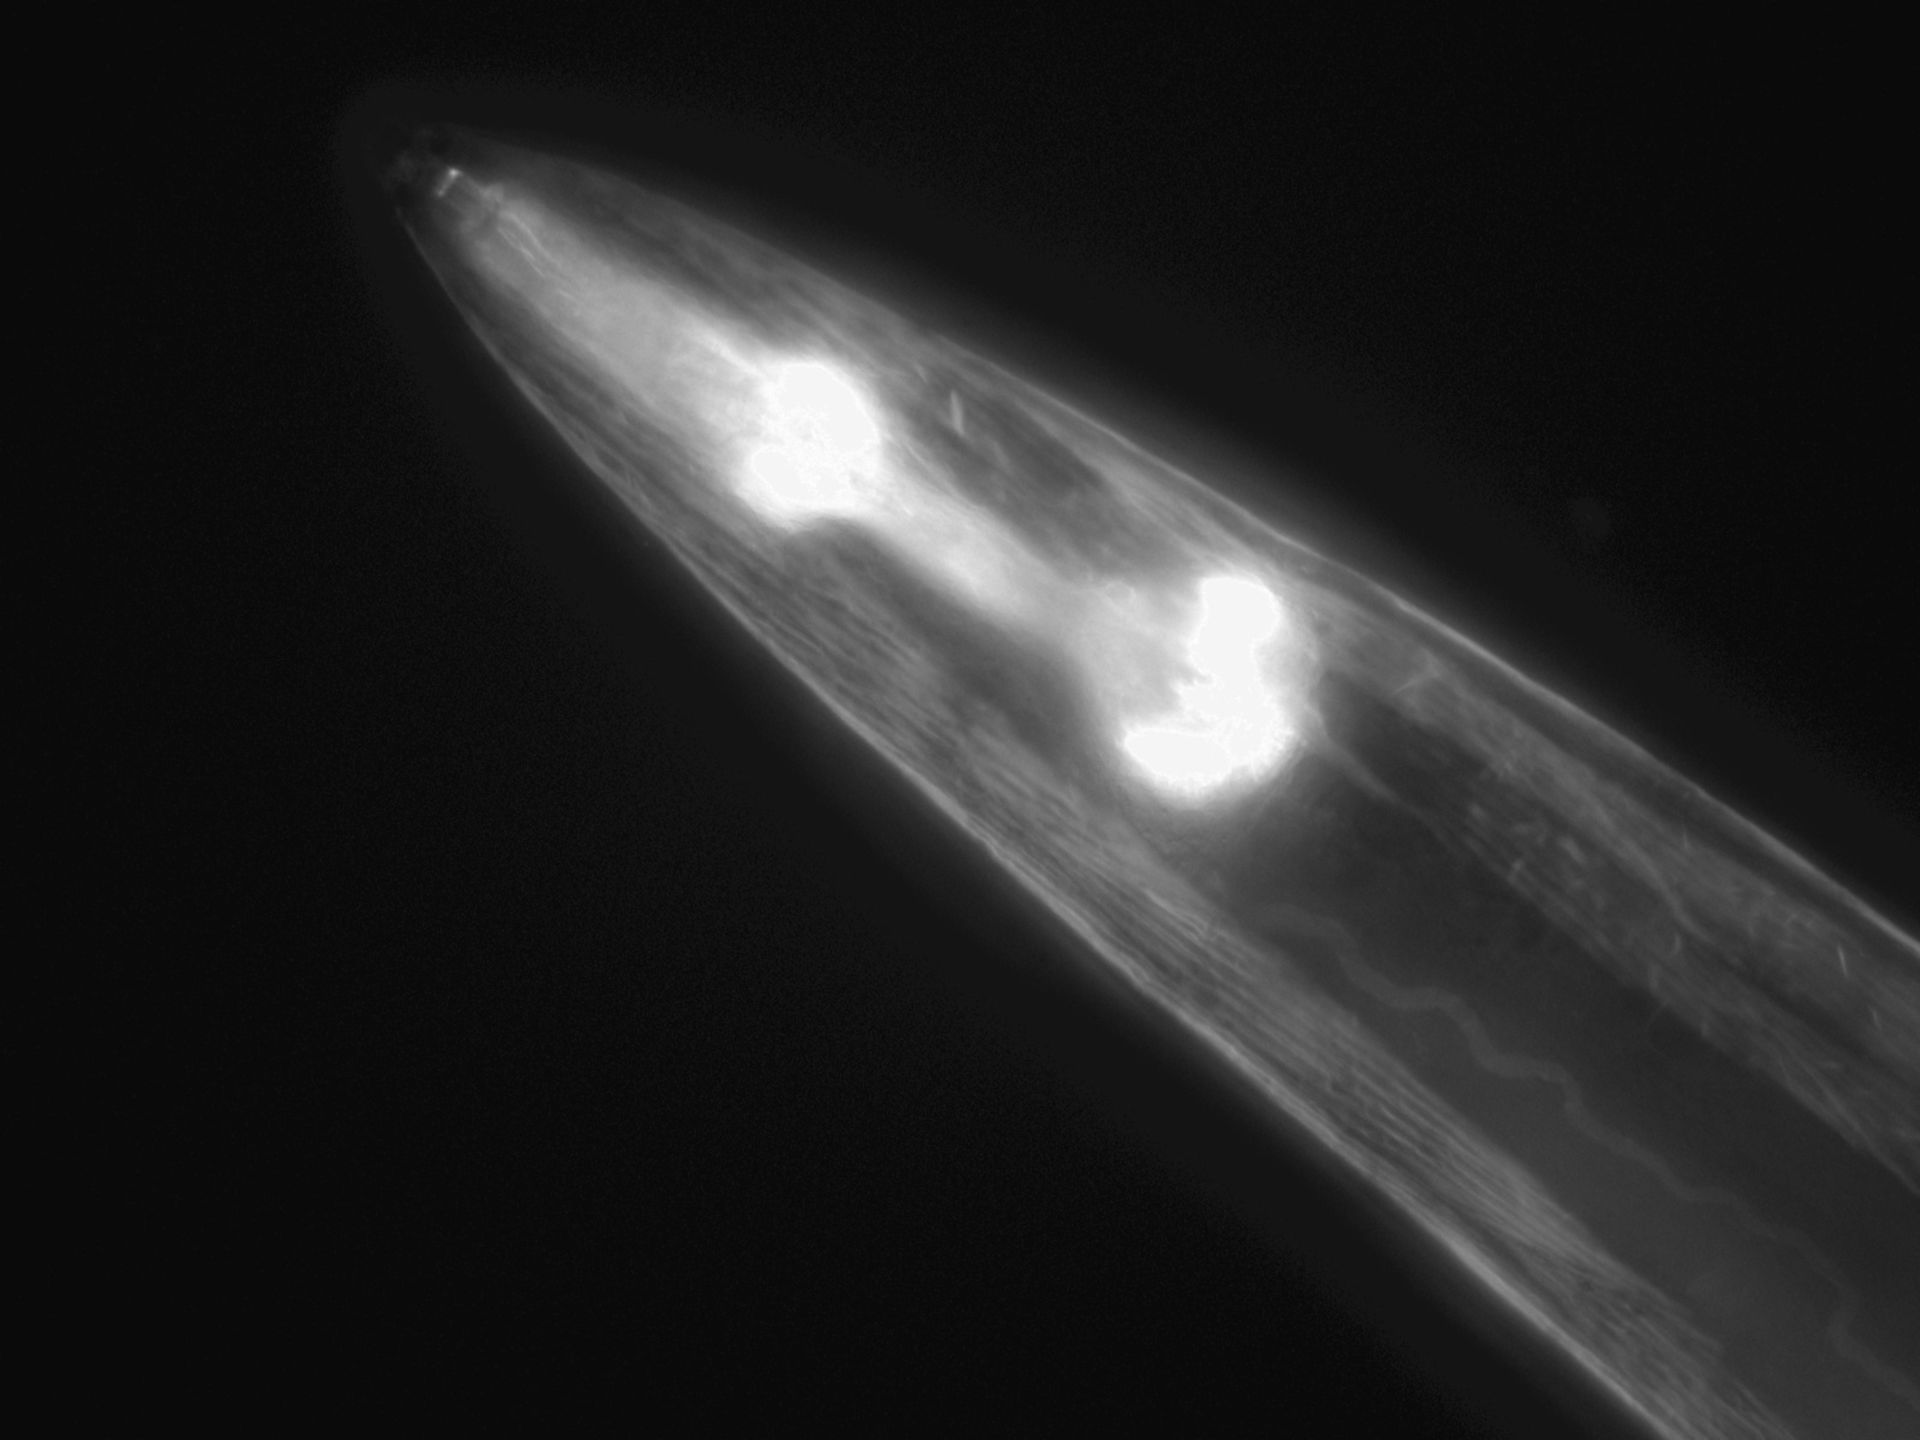 Caenorhabditis elegans (Actin filament) - CIL:1289